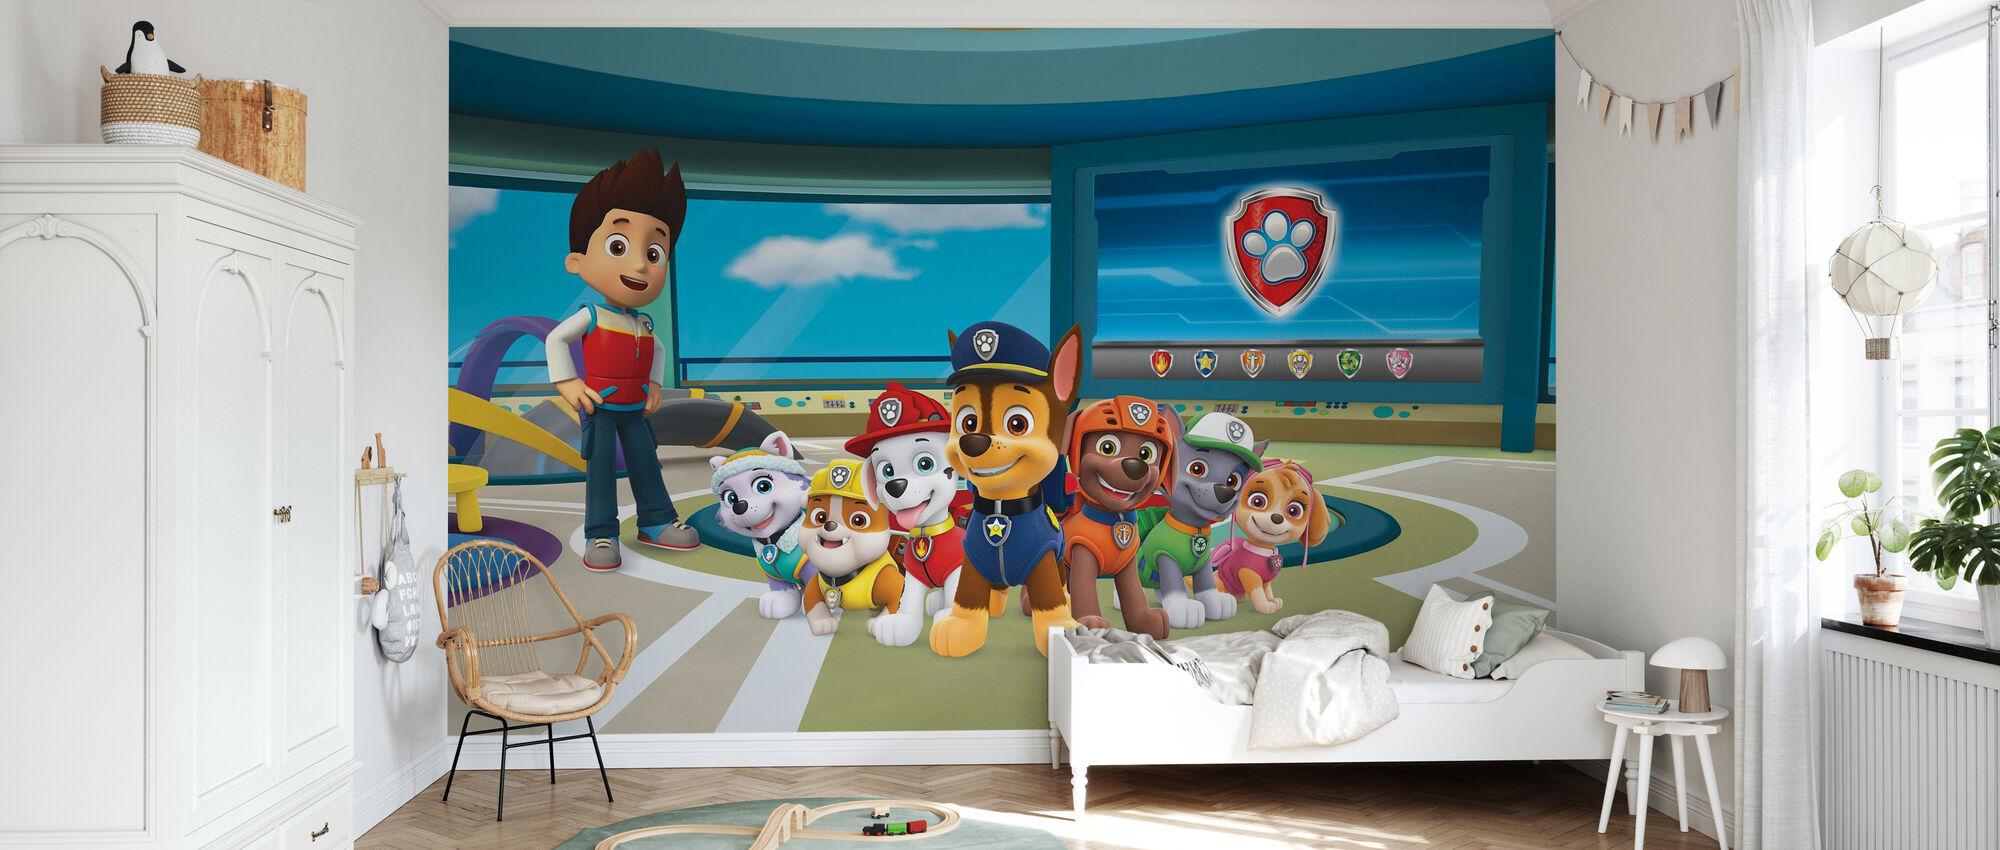 PAW Patrol - Hier, um zu helfen - Tapete - Kinderzimmer